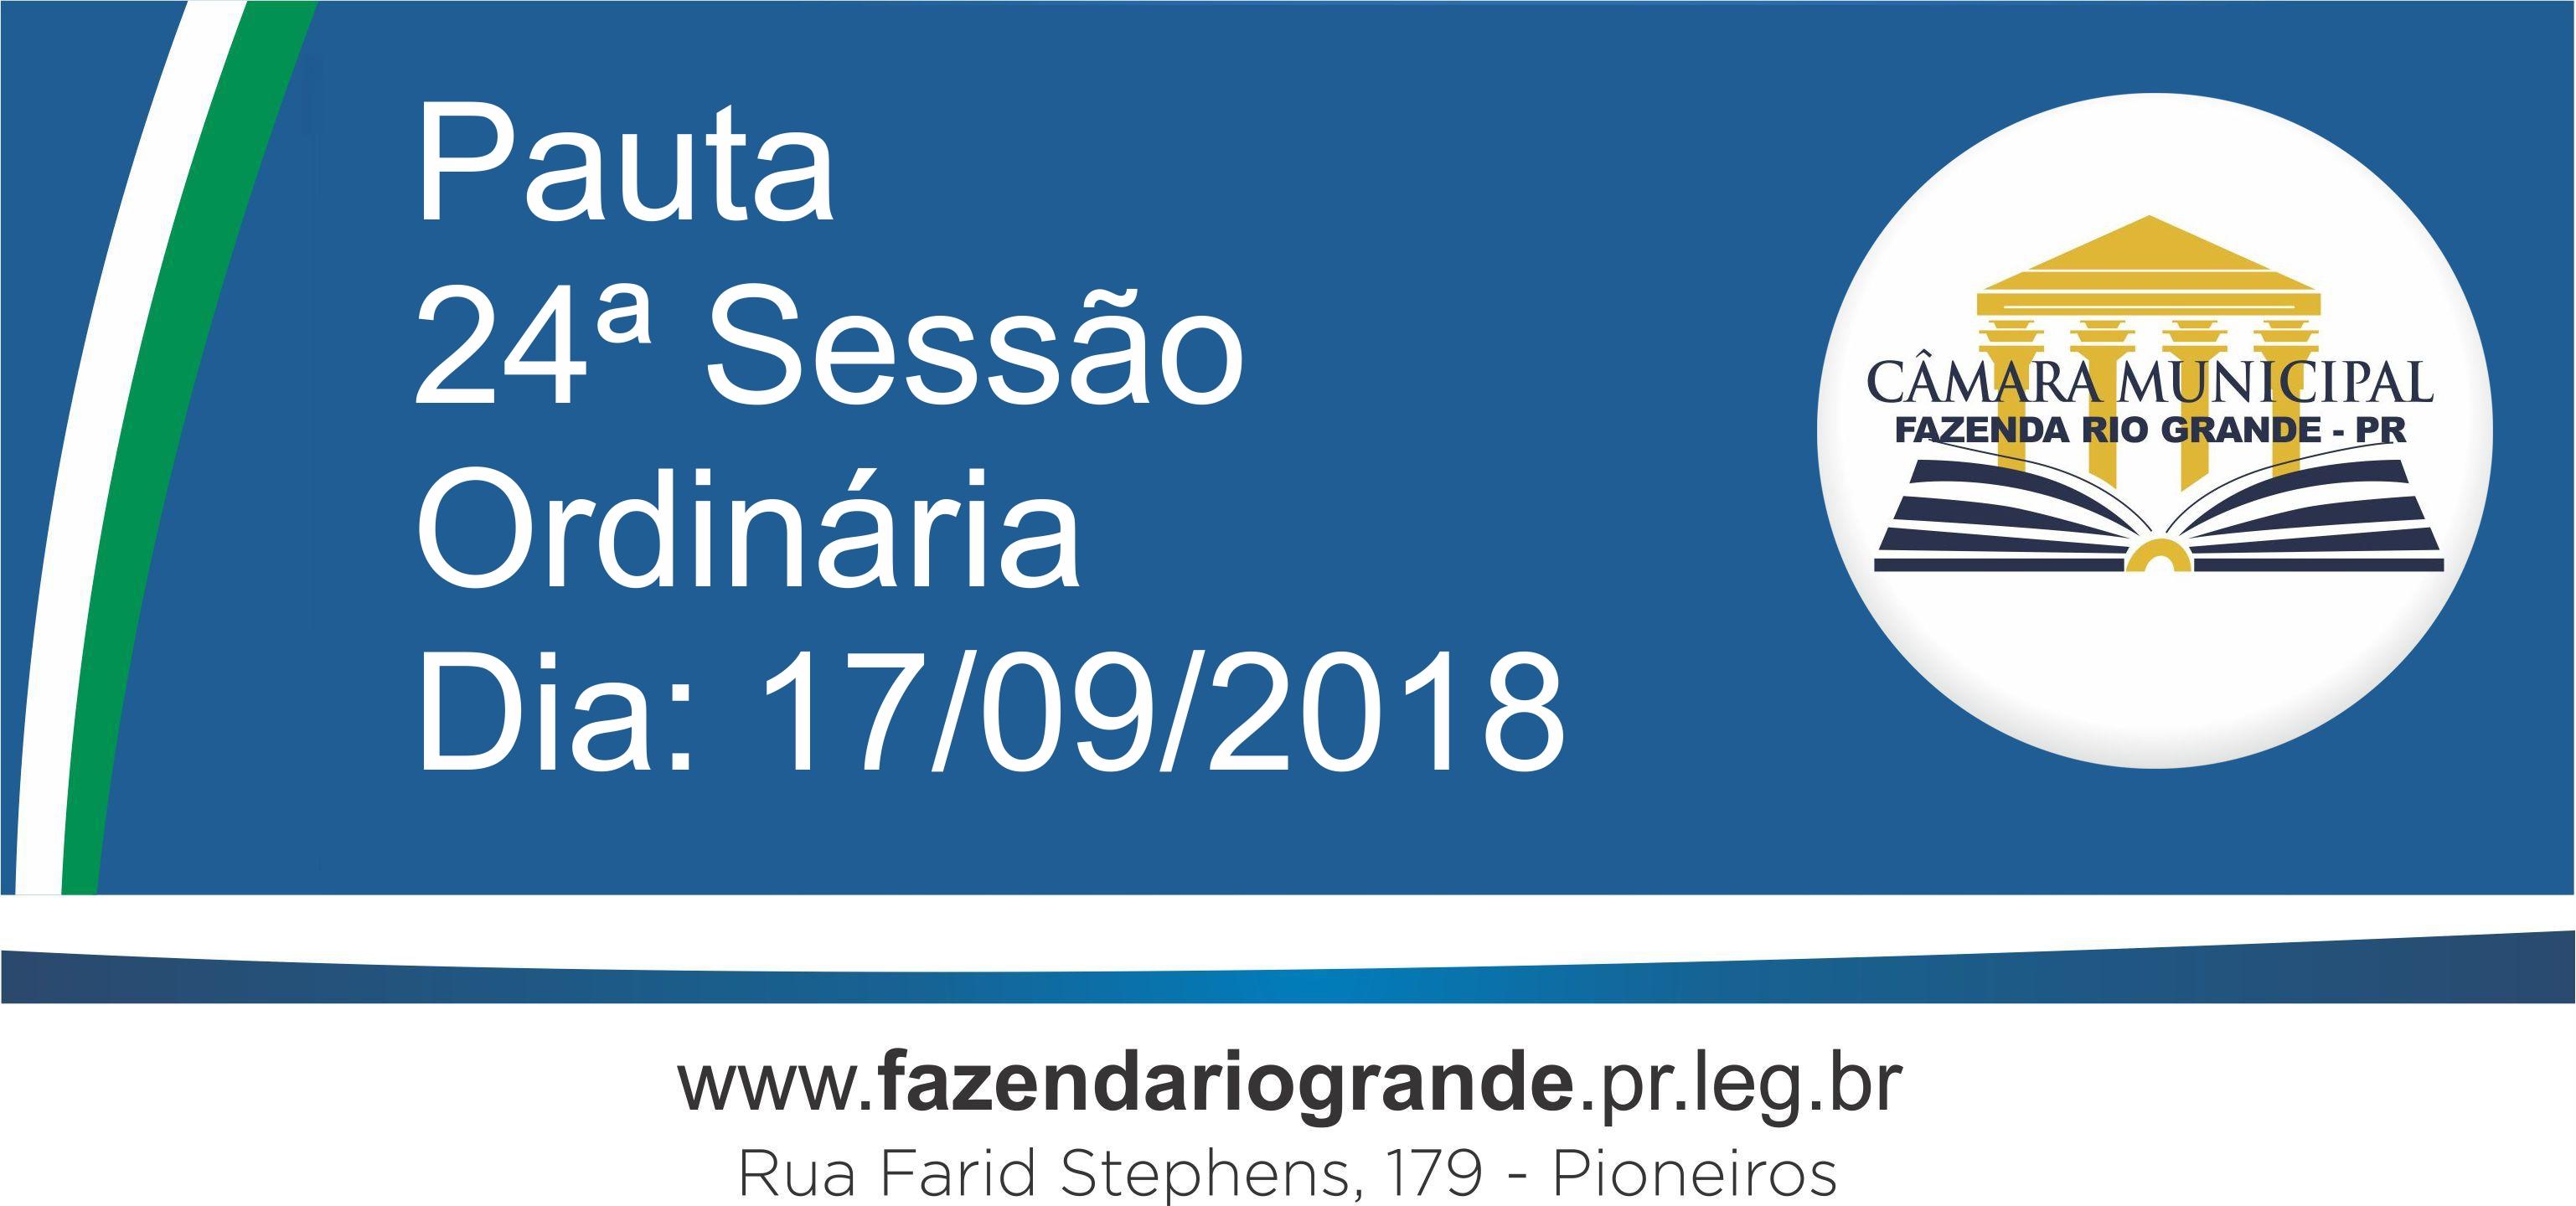 Pauta da 24ª Sessão Ordinária 17/09/2018